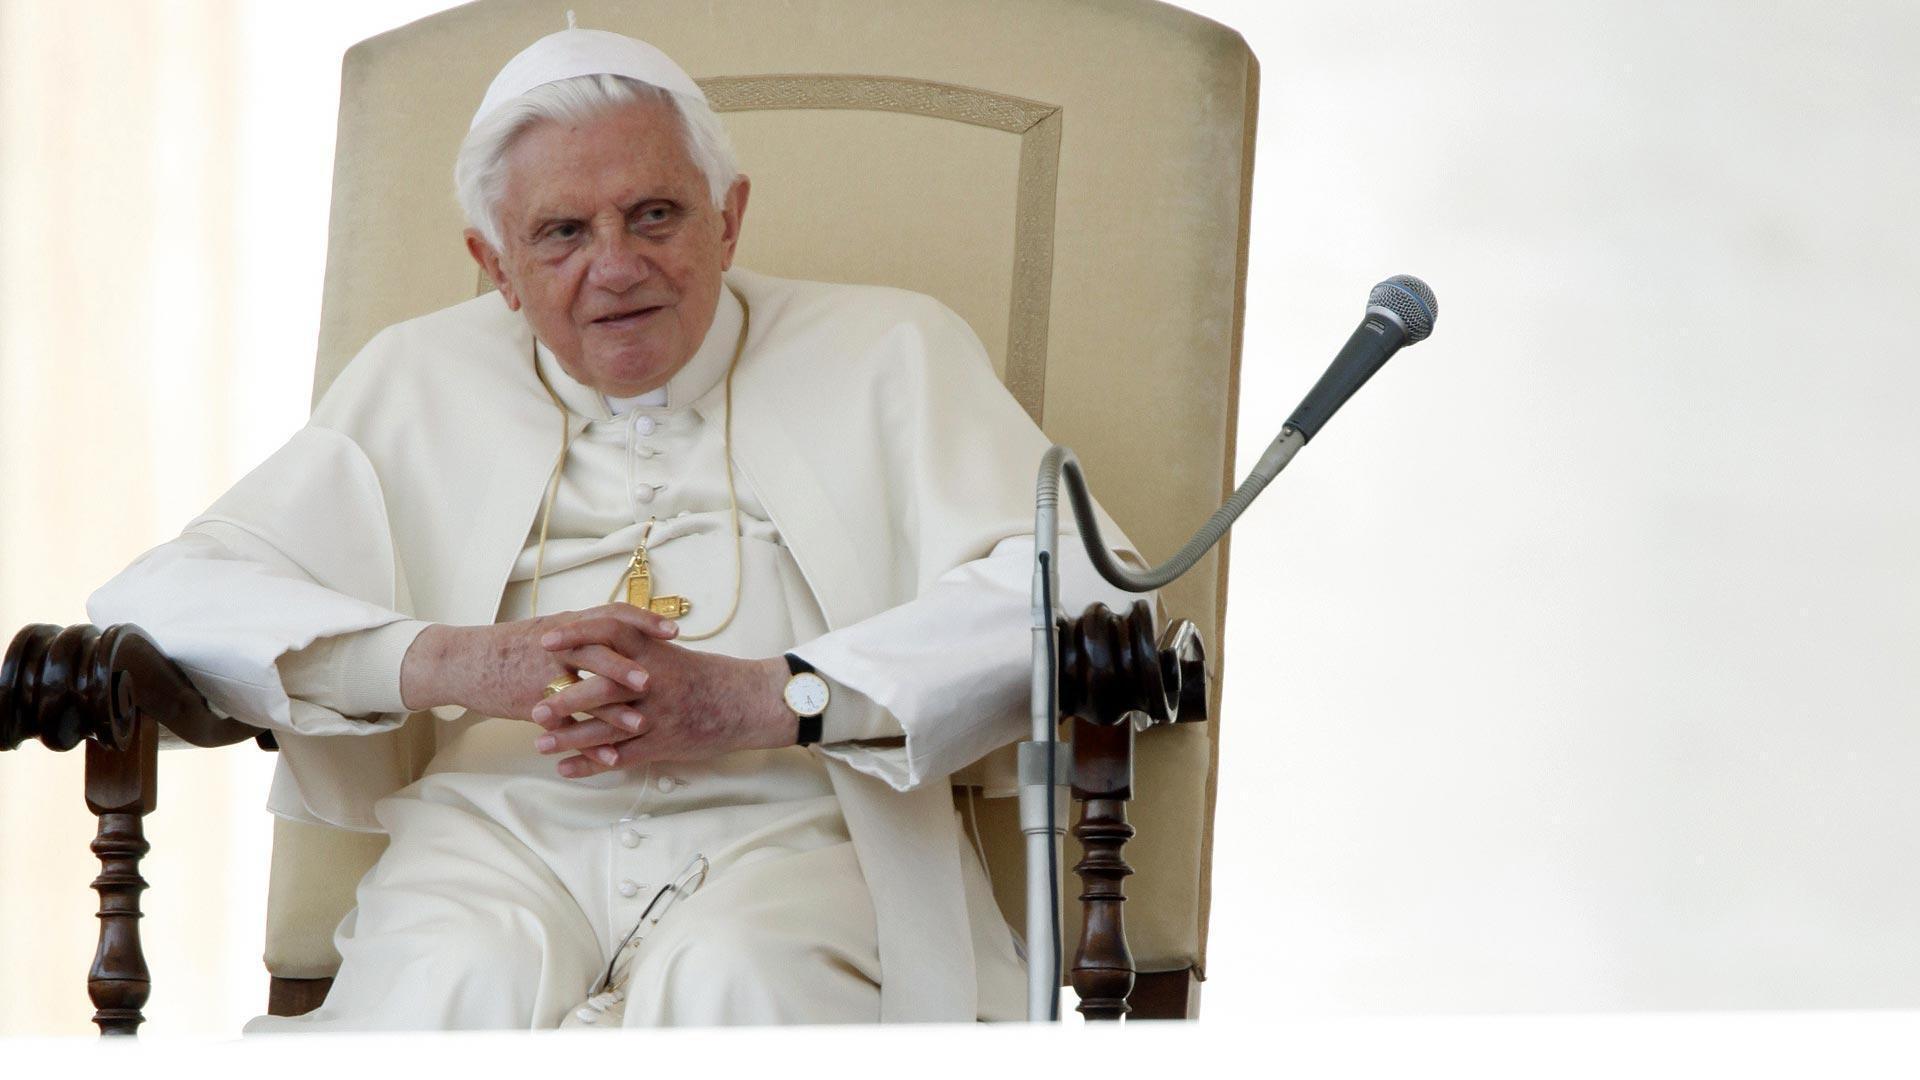 Laity and the Catholic Sex Scandal image